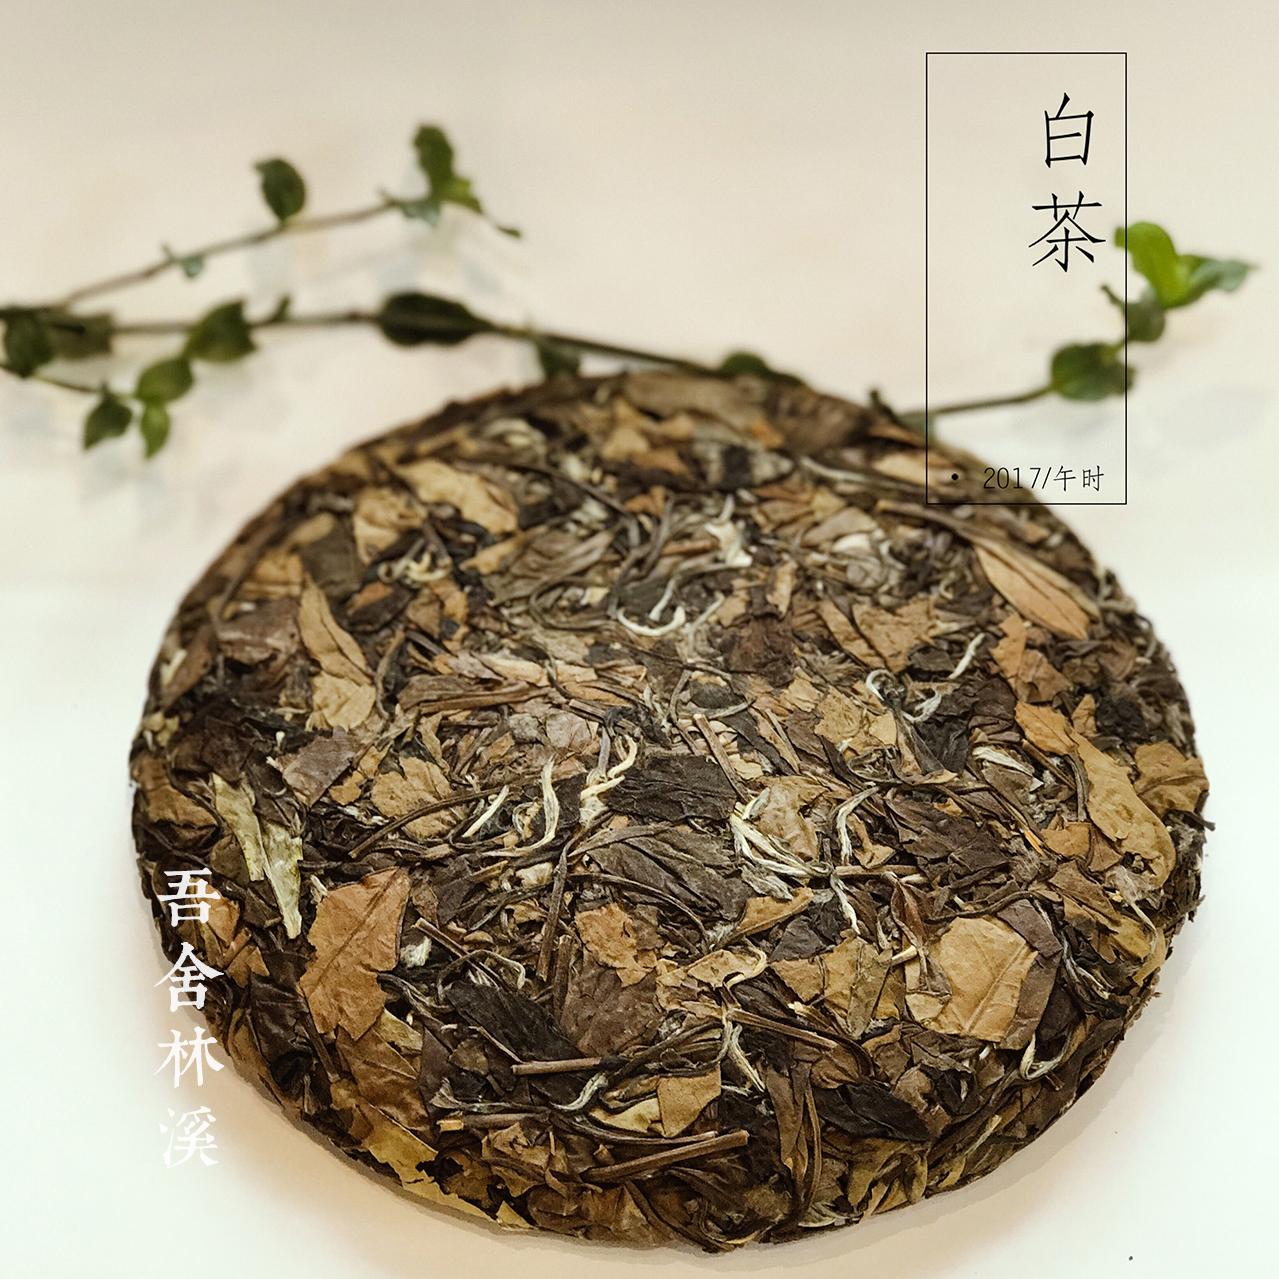 正宗秋寿眉福鼎老白茶茶饼福建15年高山特级陈茶茶叶手工日晒特价